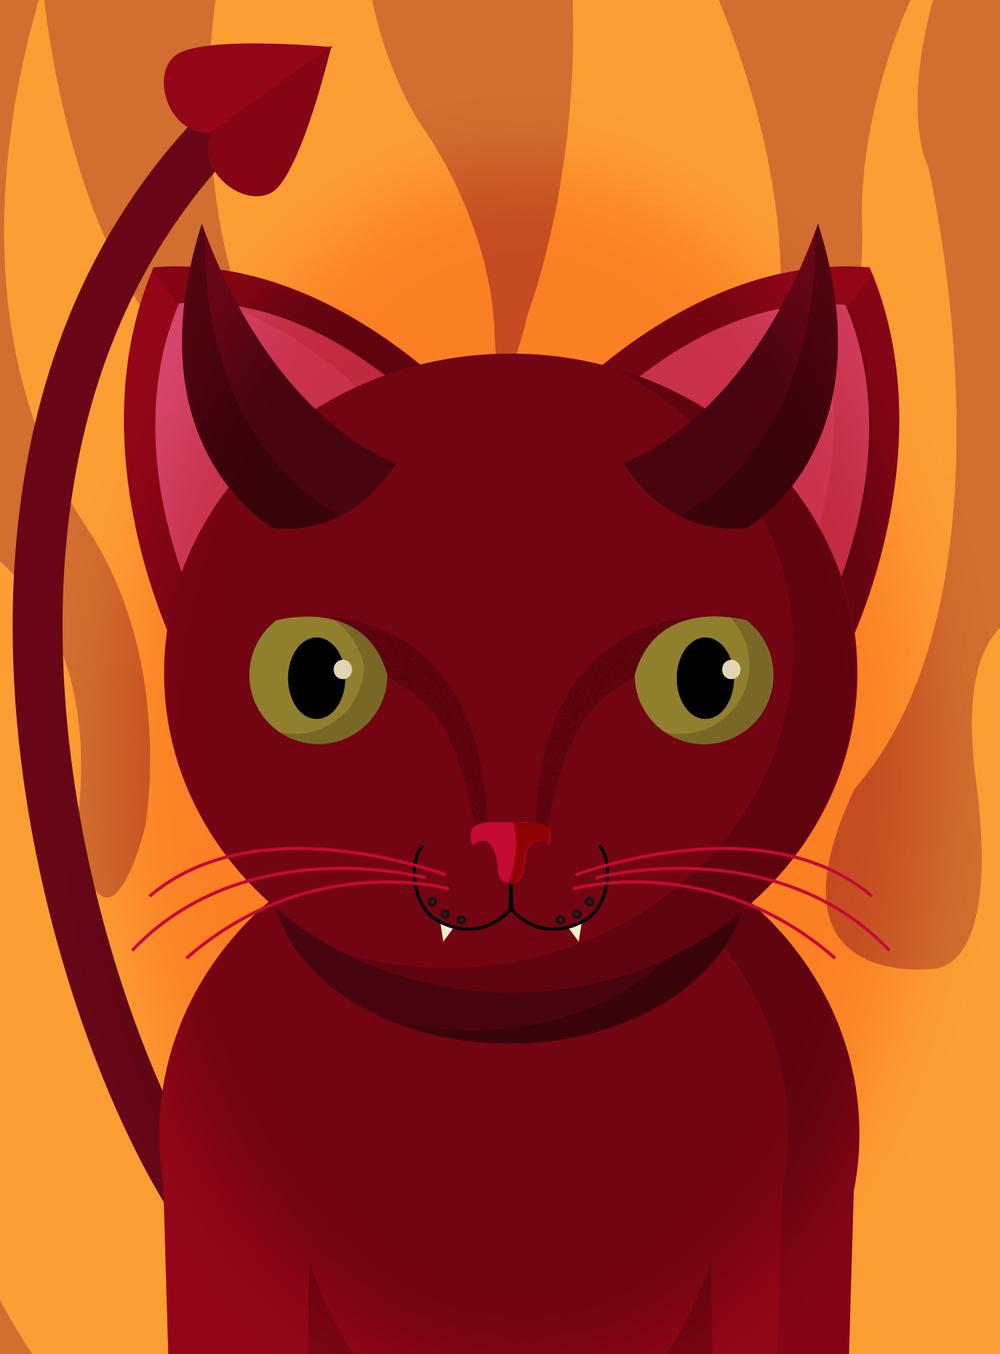 catcard.diablo.jpg